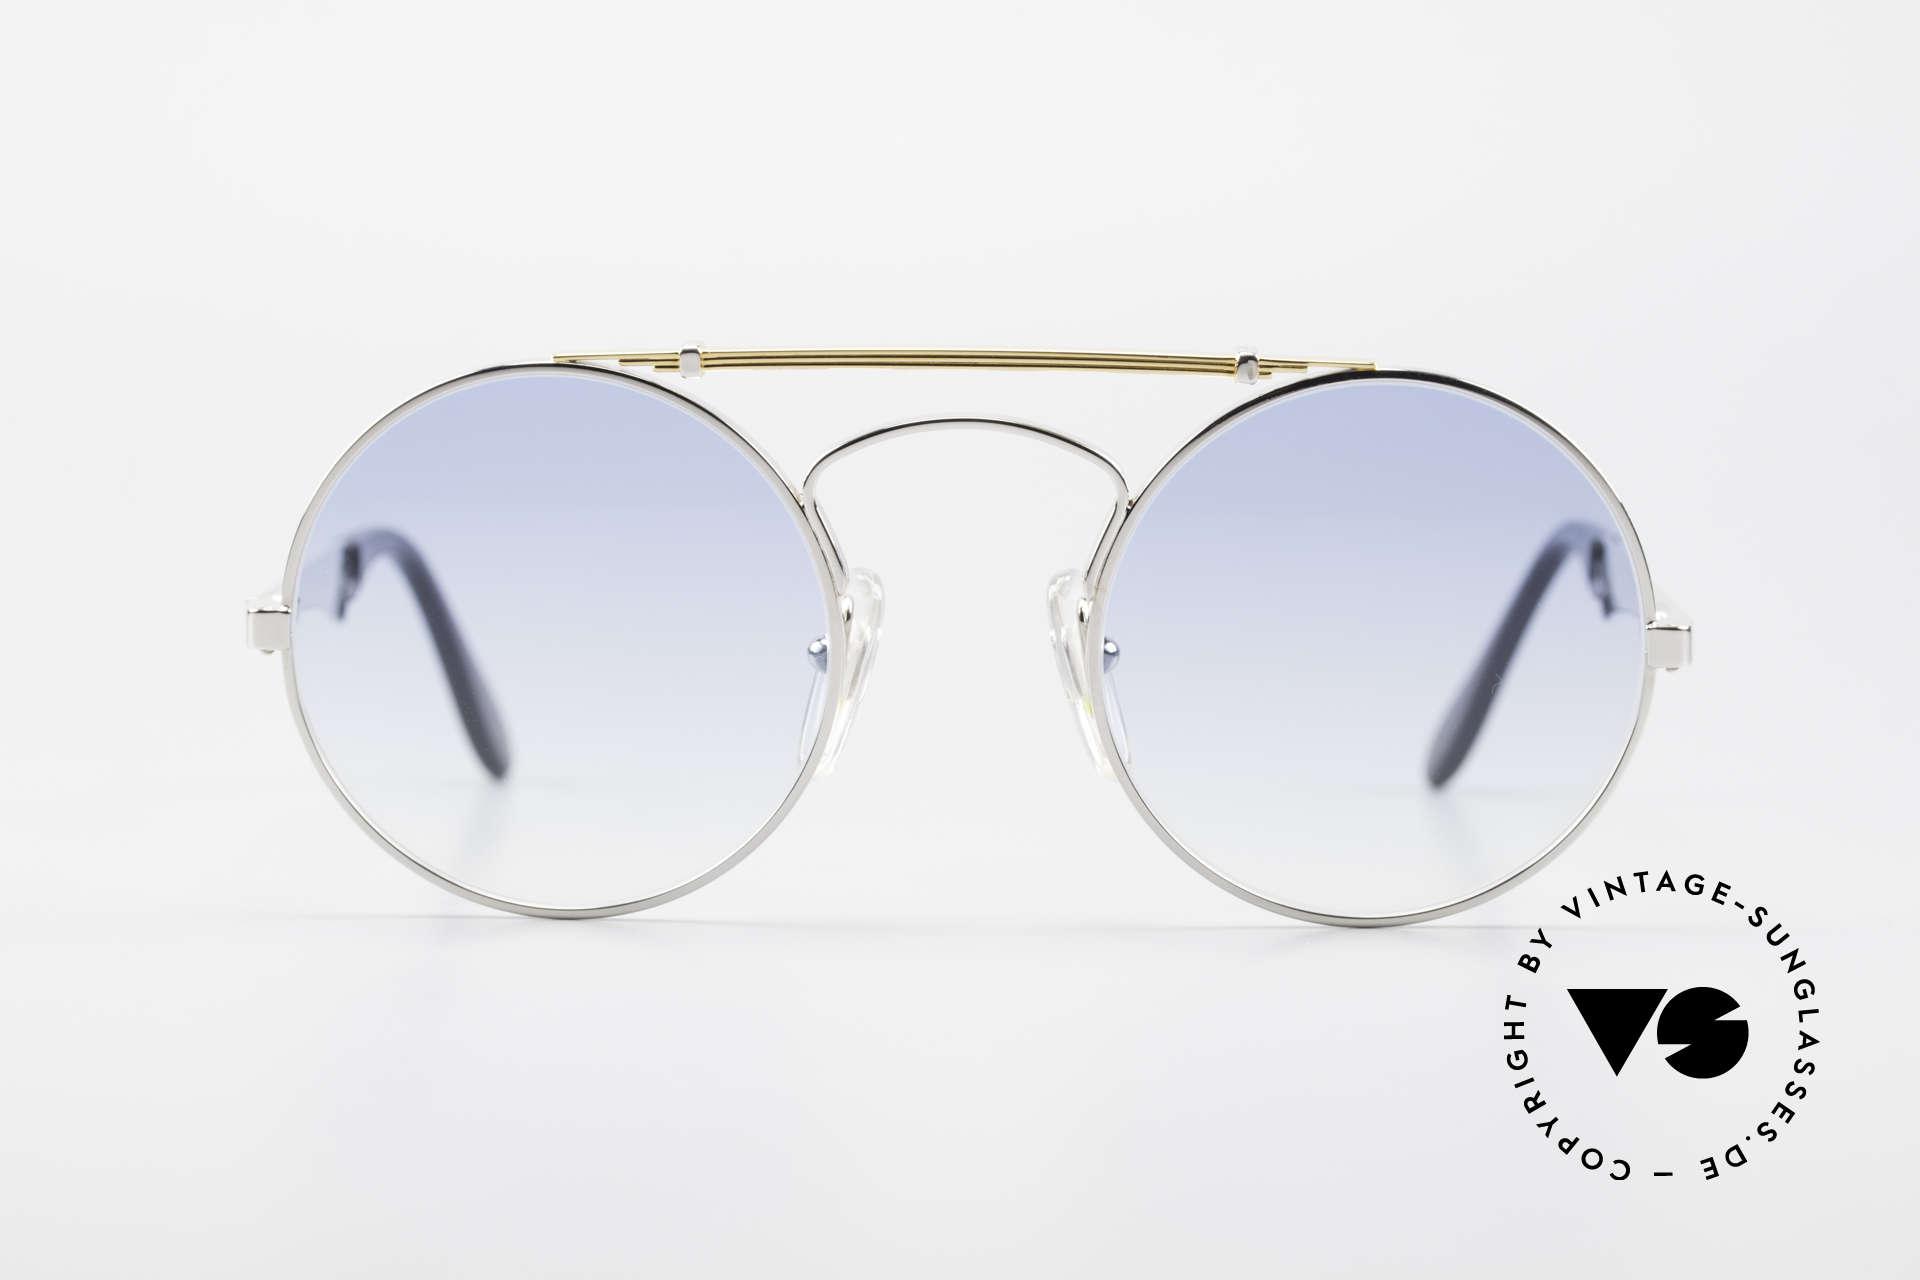 Bugatti 11709 80er Luxus Sonnenbrille Rund, sehr kostbares LUXUSmodell mit Feder-Scharnieren, Passend für Herren